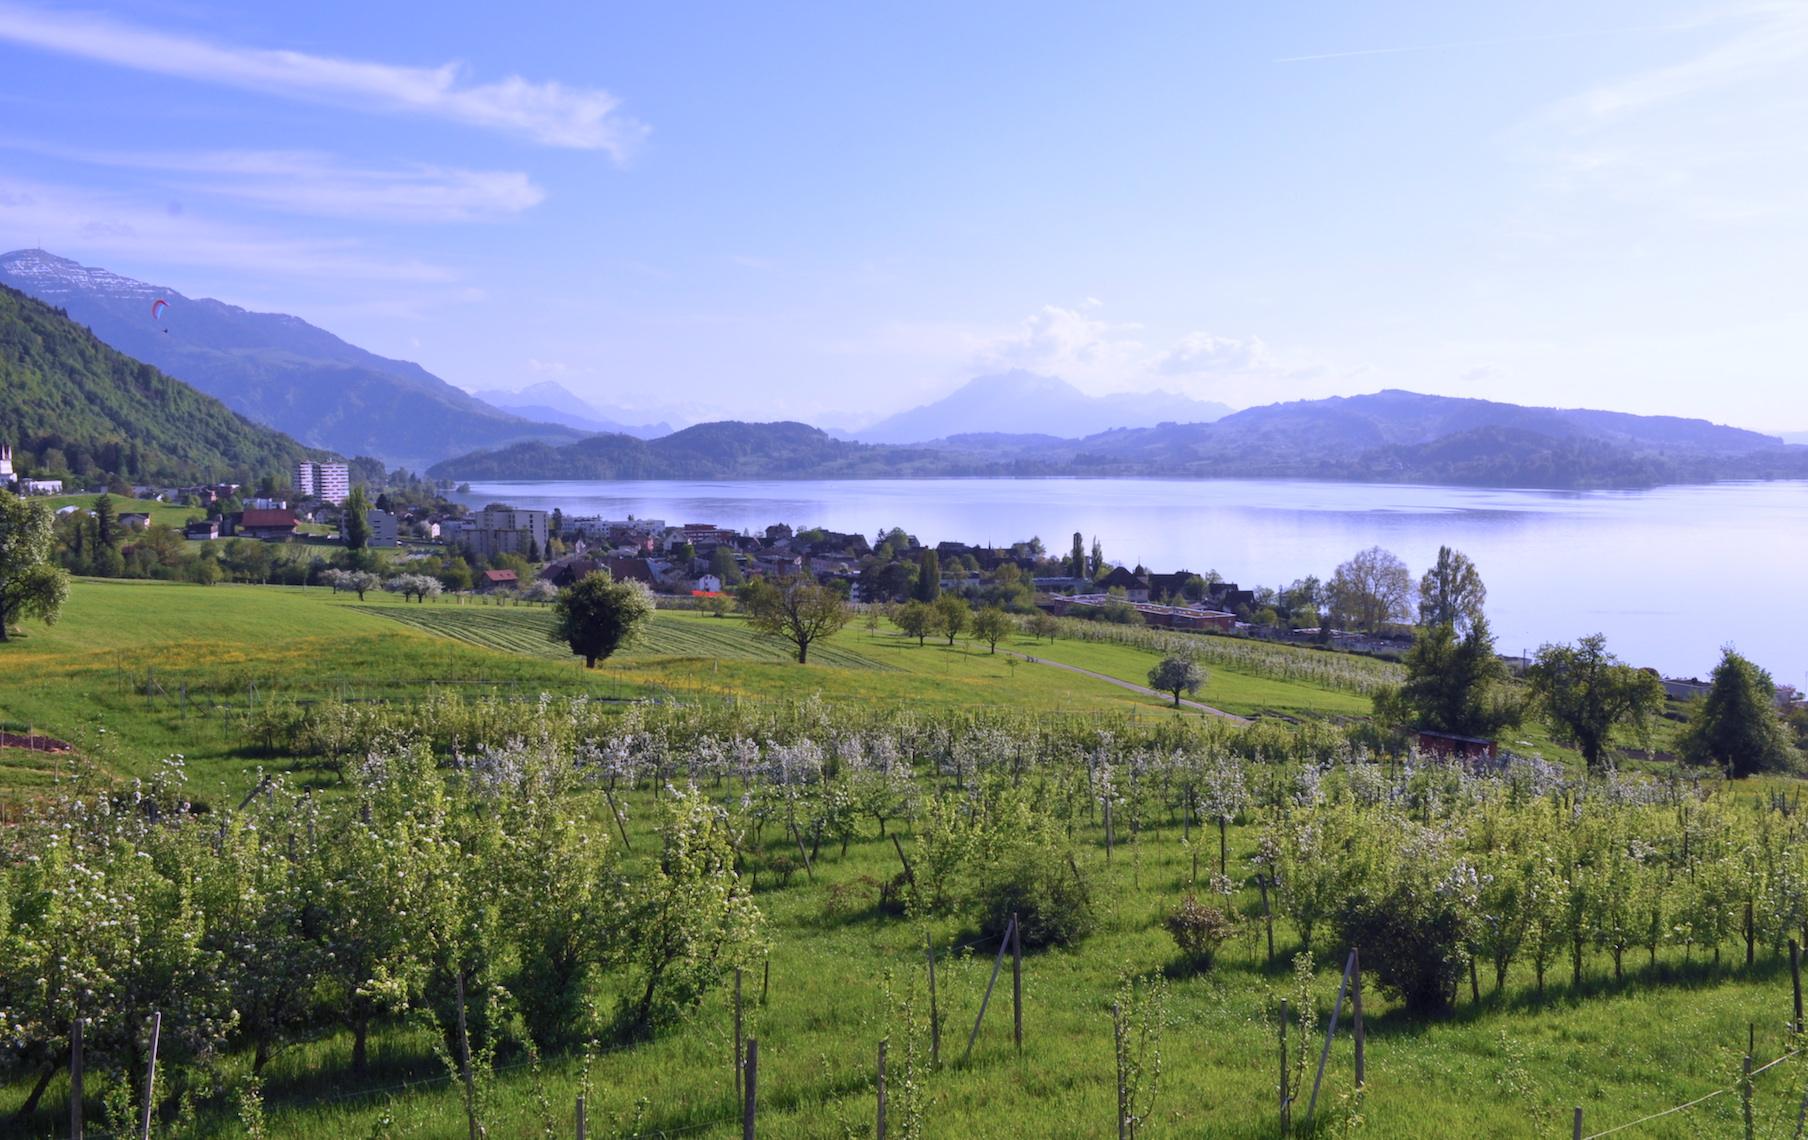 Aussicht vom nahen Meisenberg in die Zentralschweiz.